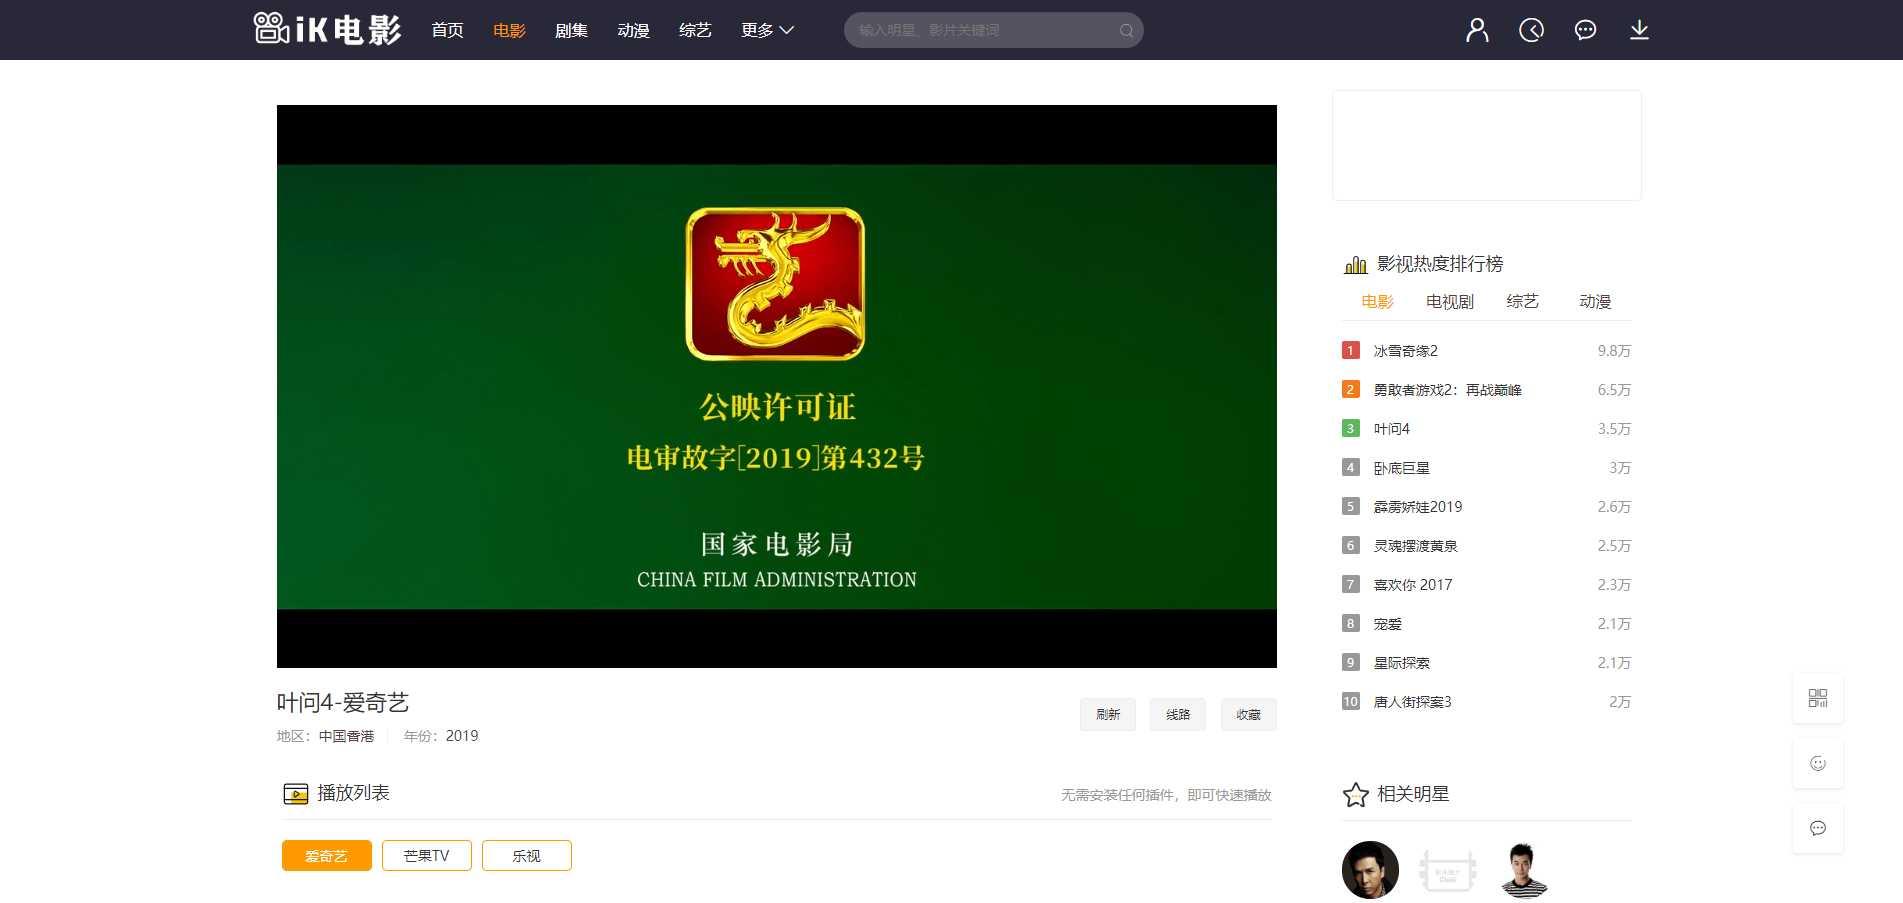 米酷影视v7.0精优版看360自动采集官方资源-常网小站Miknio